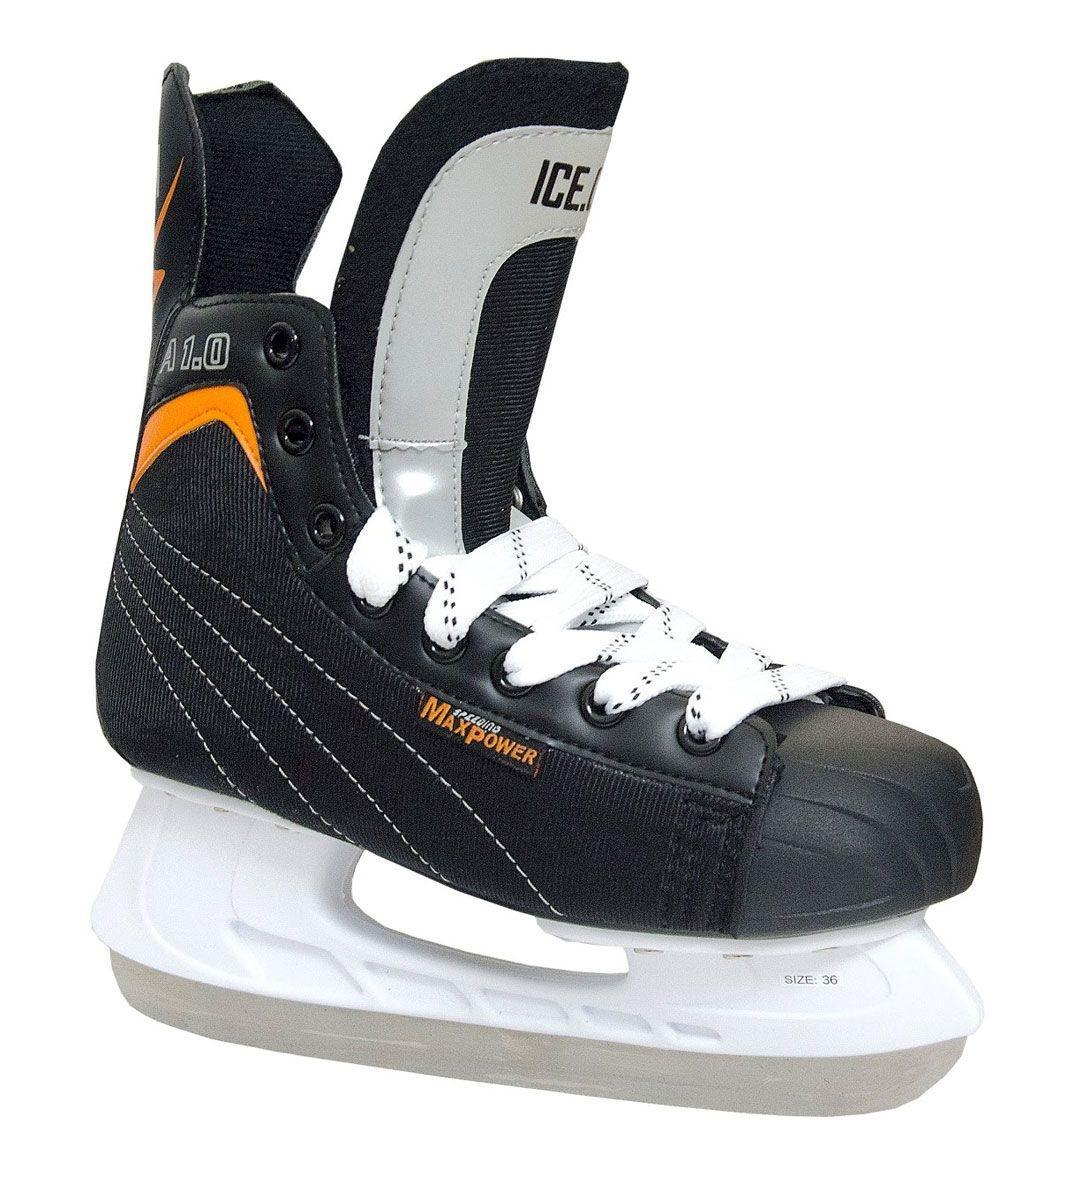 Коньки хоккейные Ice.Com A 1.0 2014, цвет: черный, оранжевый. Размер 40Atemi Force 3.0 2012 Black-GrayКоньки A 1.0 предназначены для игры в хоккей. Верх ботинка выполнен из морозостойкой искусственной кожи и нейлона. Мысок - морозостойкий ударопрочный PU, подошва - морозостойкий ПВХ. Толстый войлочный язык. Удобный высокий ботинок с широкой анатомической колодкой позволяет надежно фиксировать голеностоп.Для того, чтобы Вам максимально точно подобрать размер коньков, узнайте длину стопы с точностью до миллиметра. Для этого поставьте босую ногу на лист бумаги А4 и отметьте на бумаге самые крайние точки Вашей стопы (пятка и носок). Затем измерьте обычной линейкой расстояние (до миллиметра) между этими отметками на бумаге. Не забудьте учесть 2-3 мм запаса под носок.